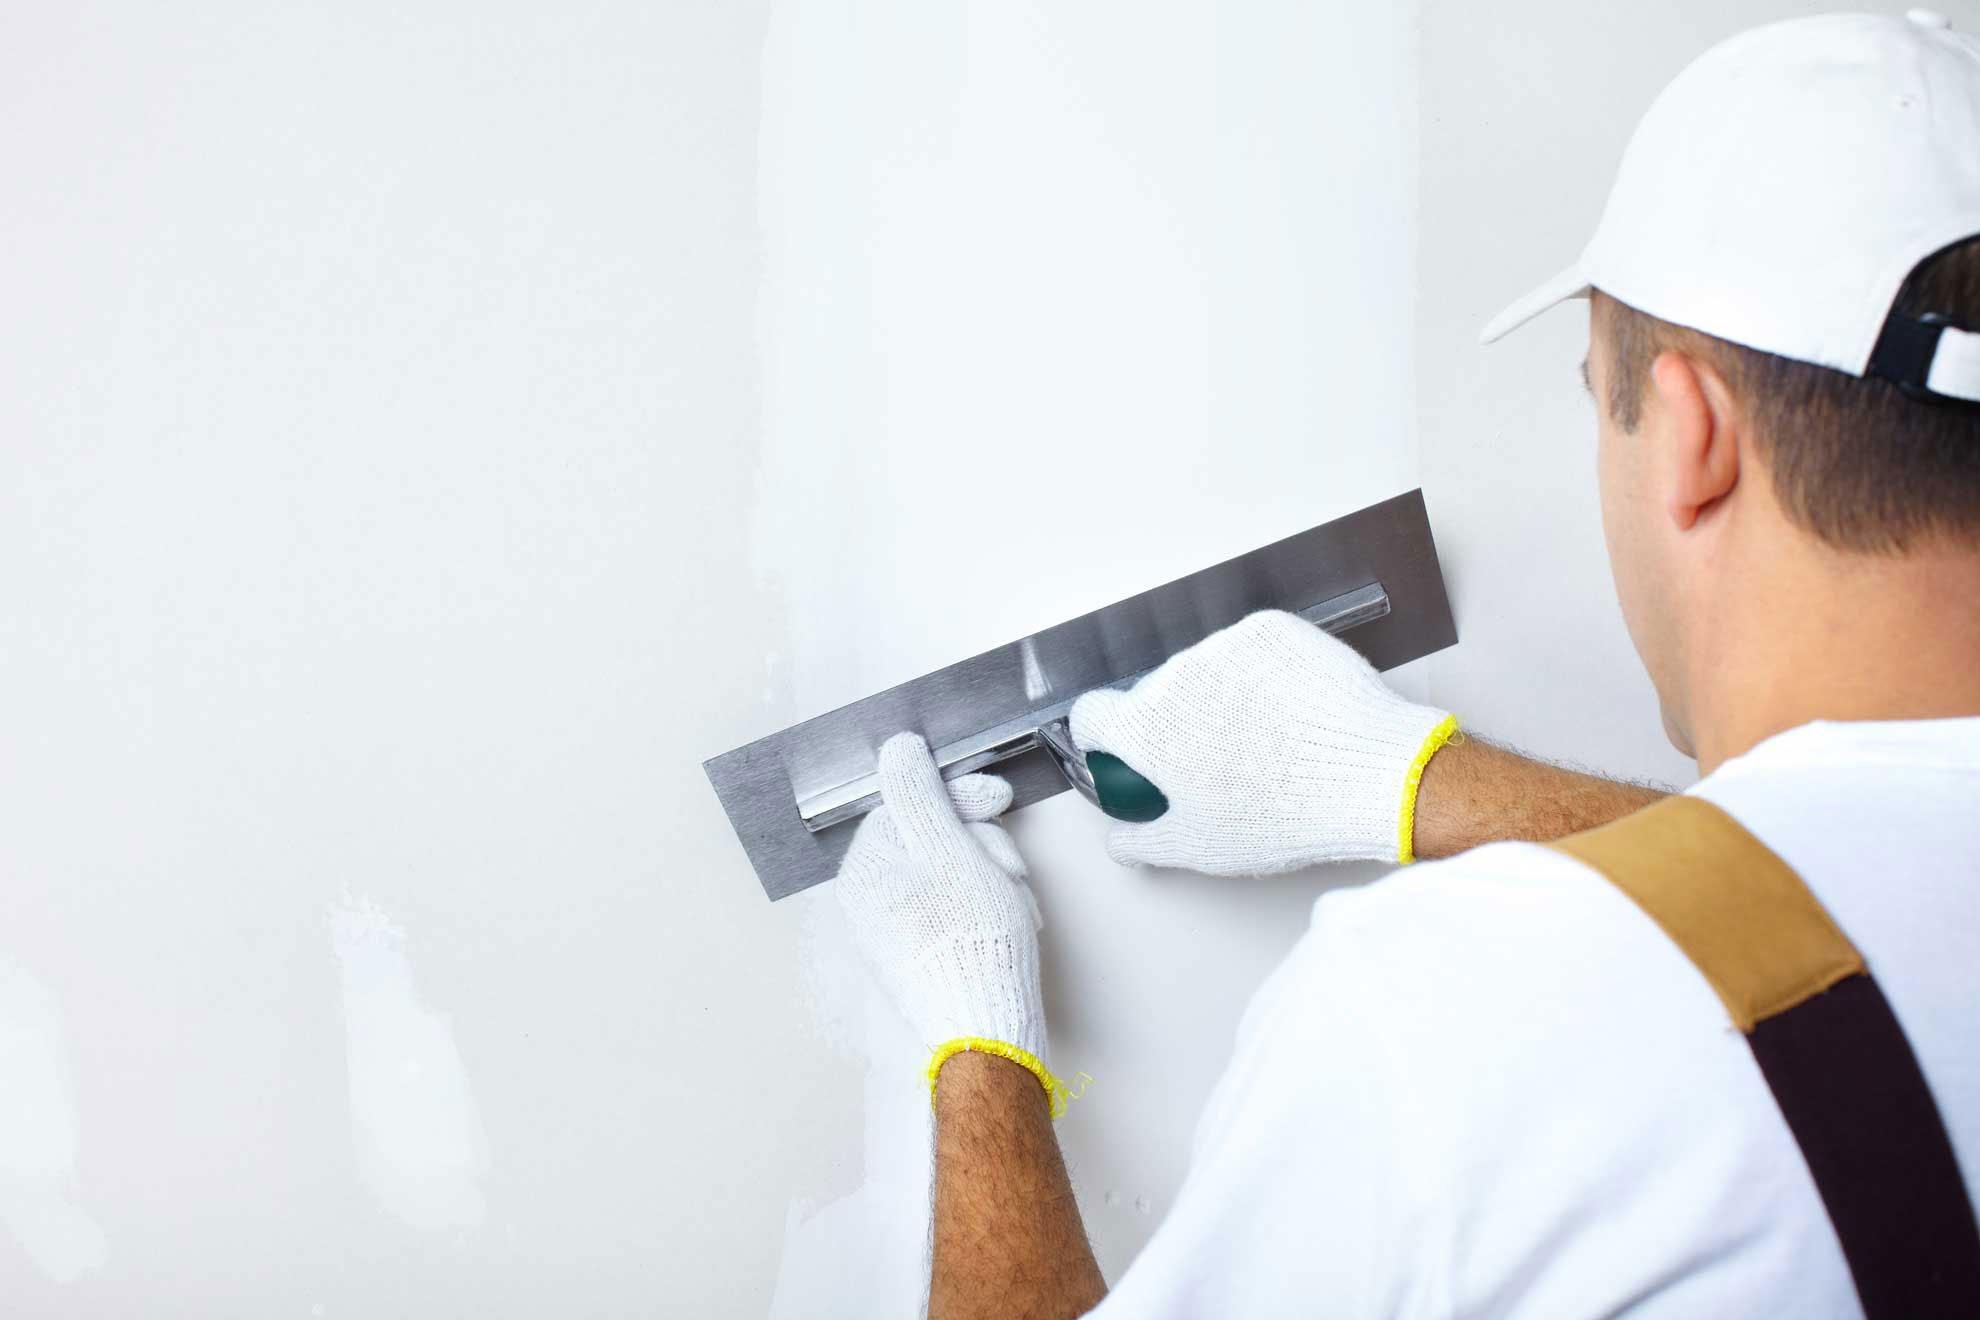 Несколько тонкостей процесса шпаклевания стен под обои